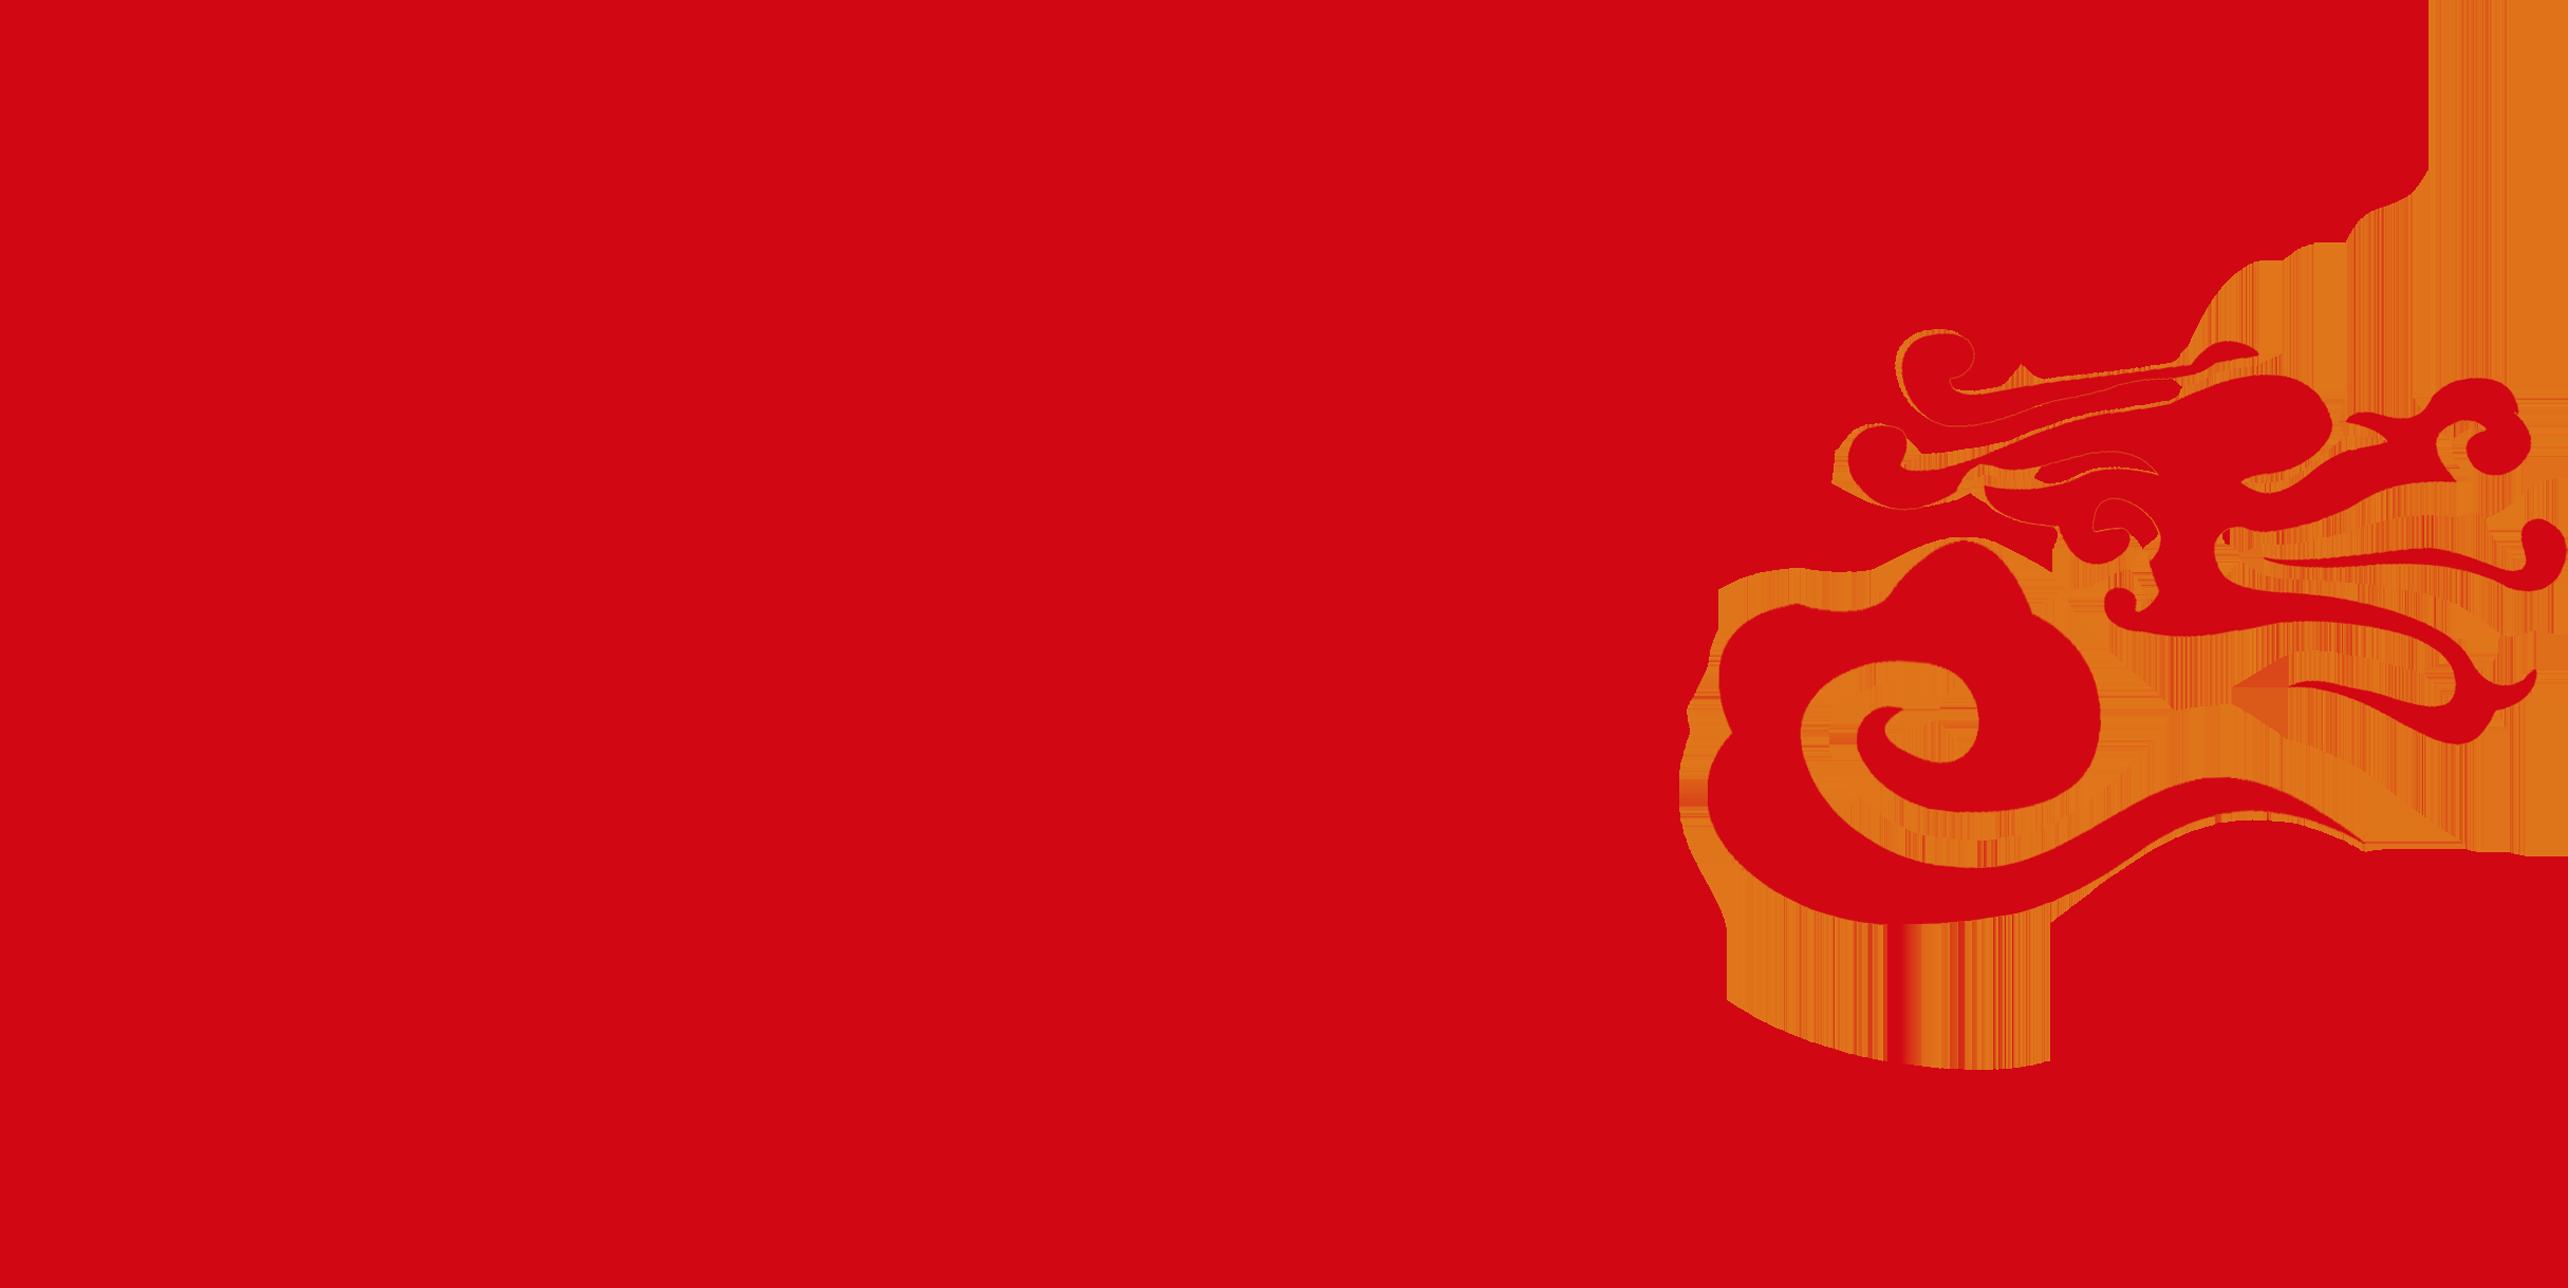 文成县百丈�T飞云湖旅游开发投资有限公司 招聘启事